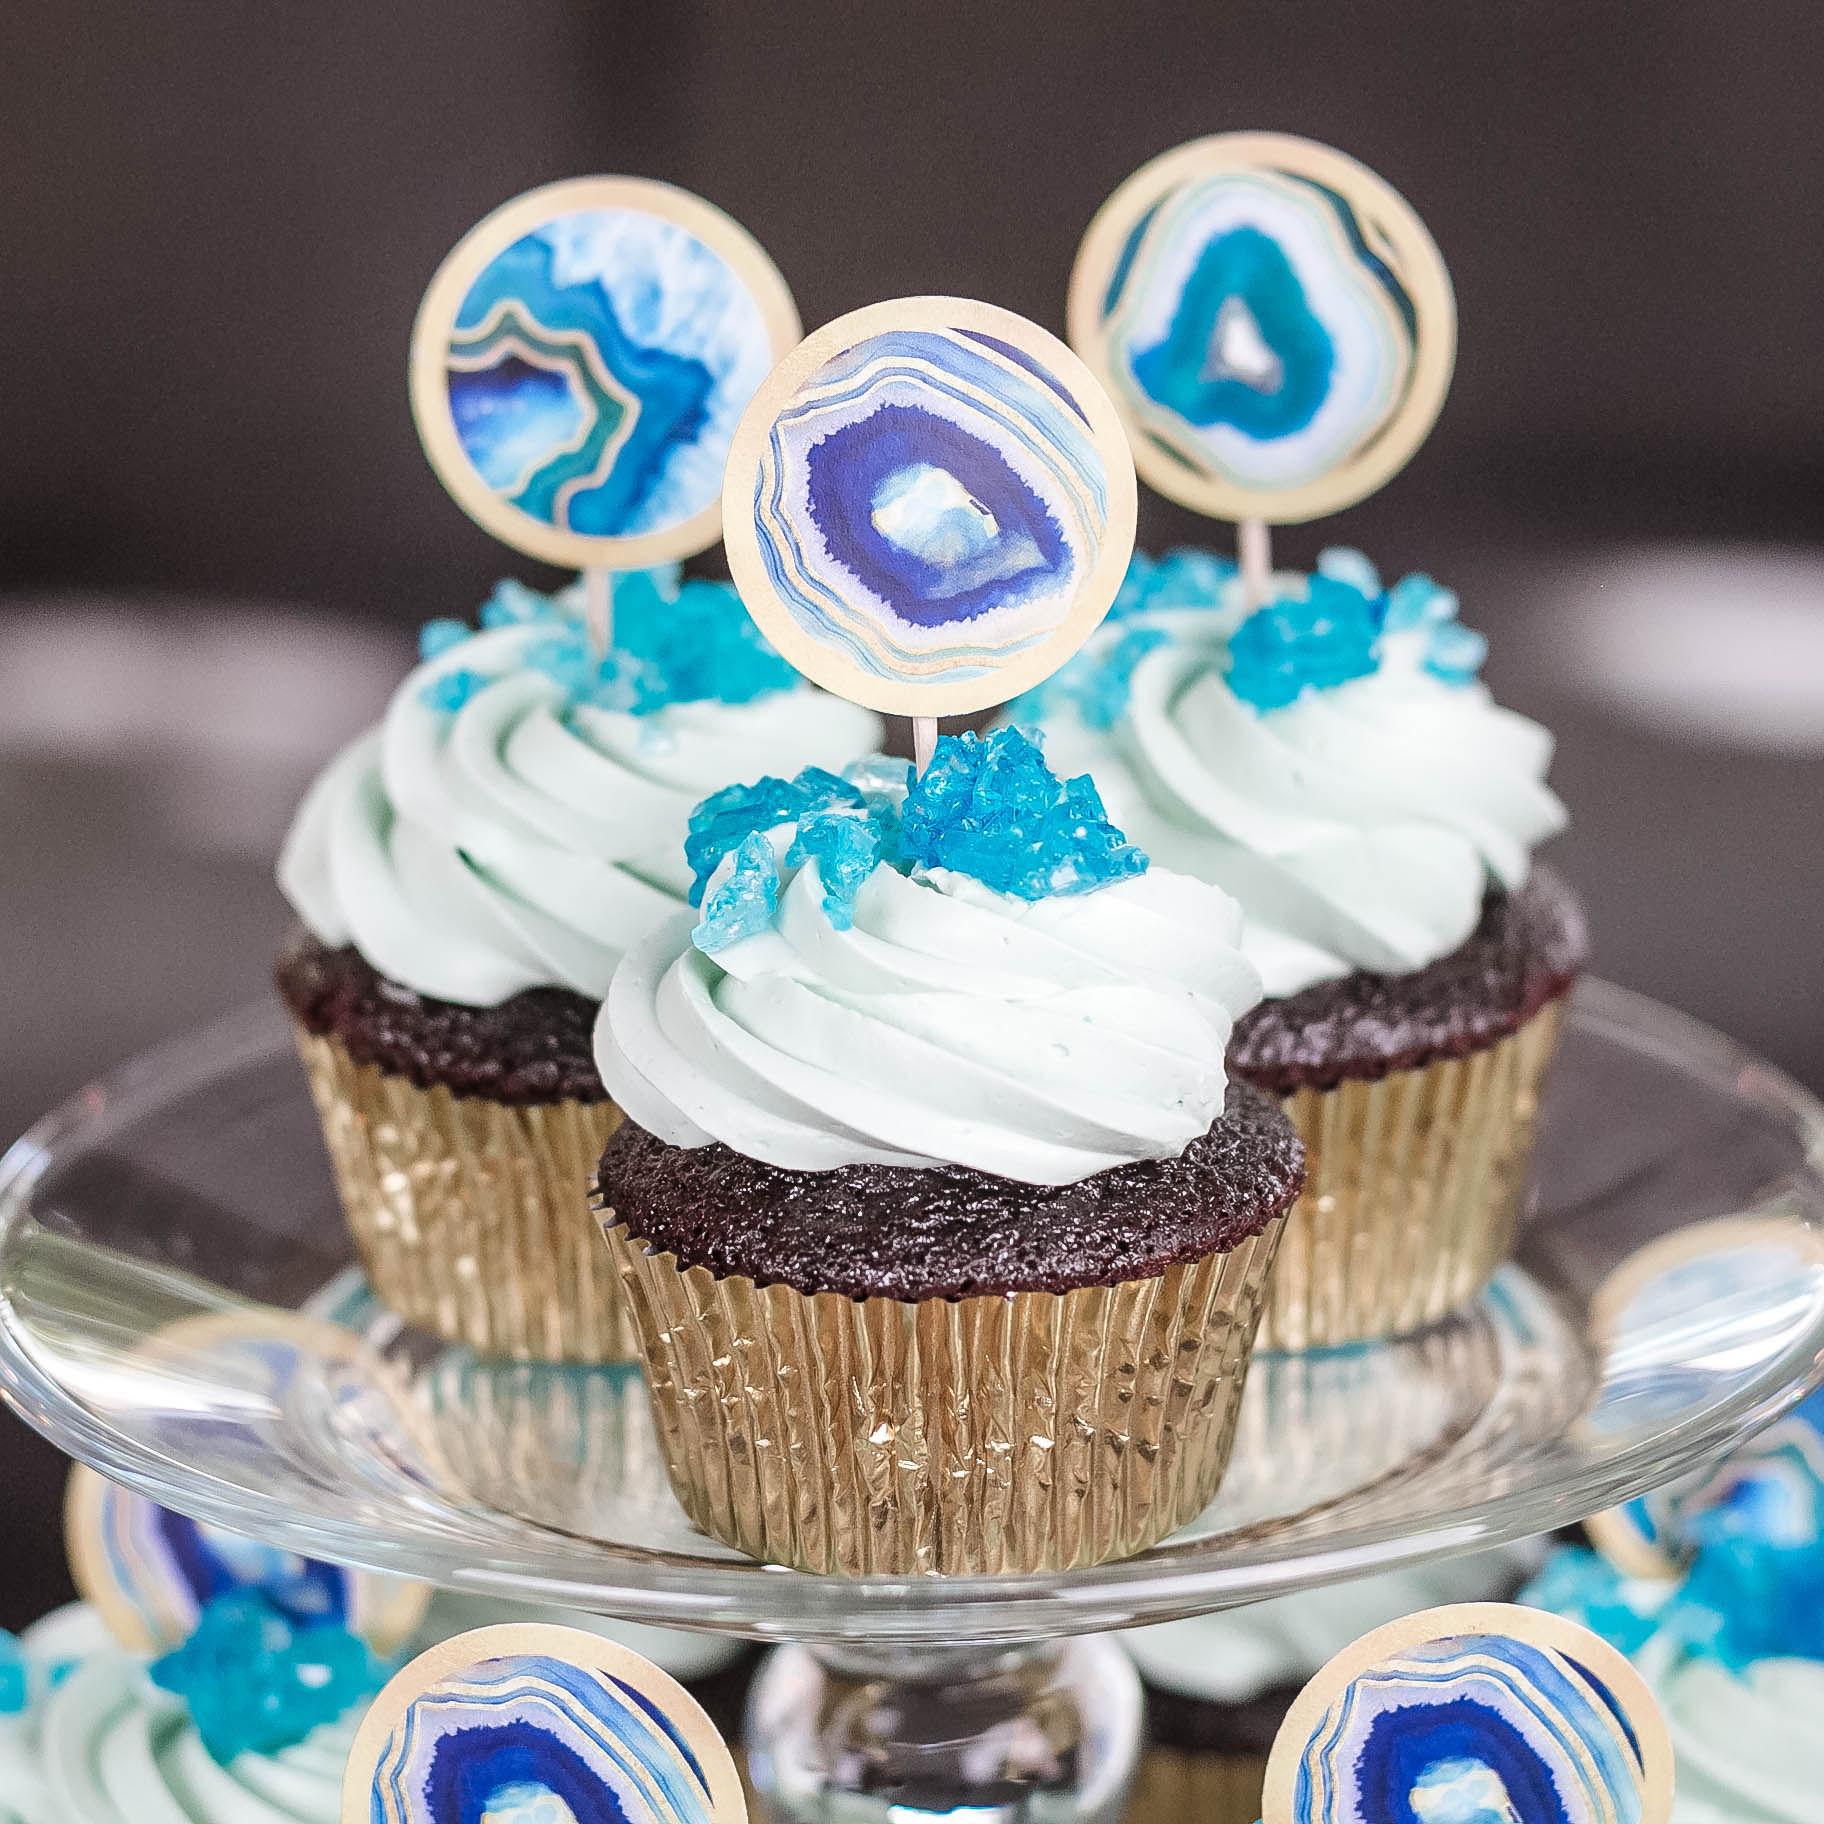 Cupcake_image3.jpg